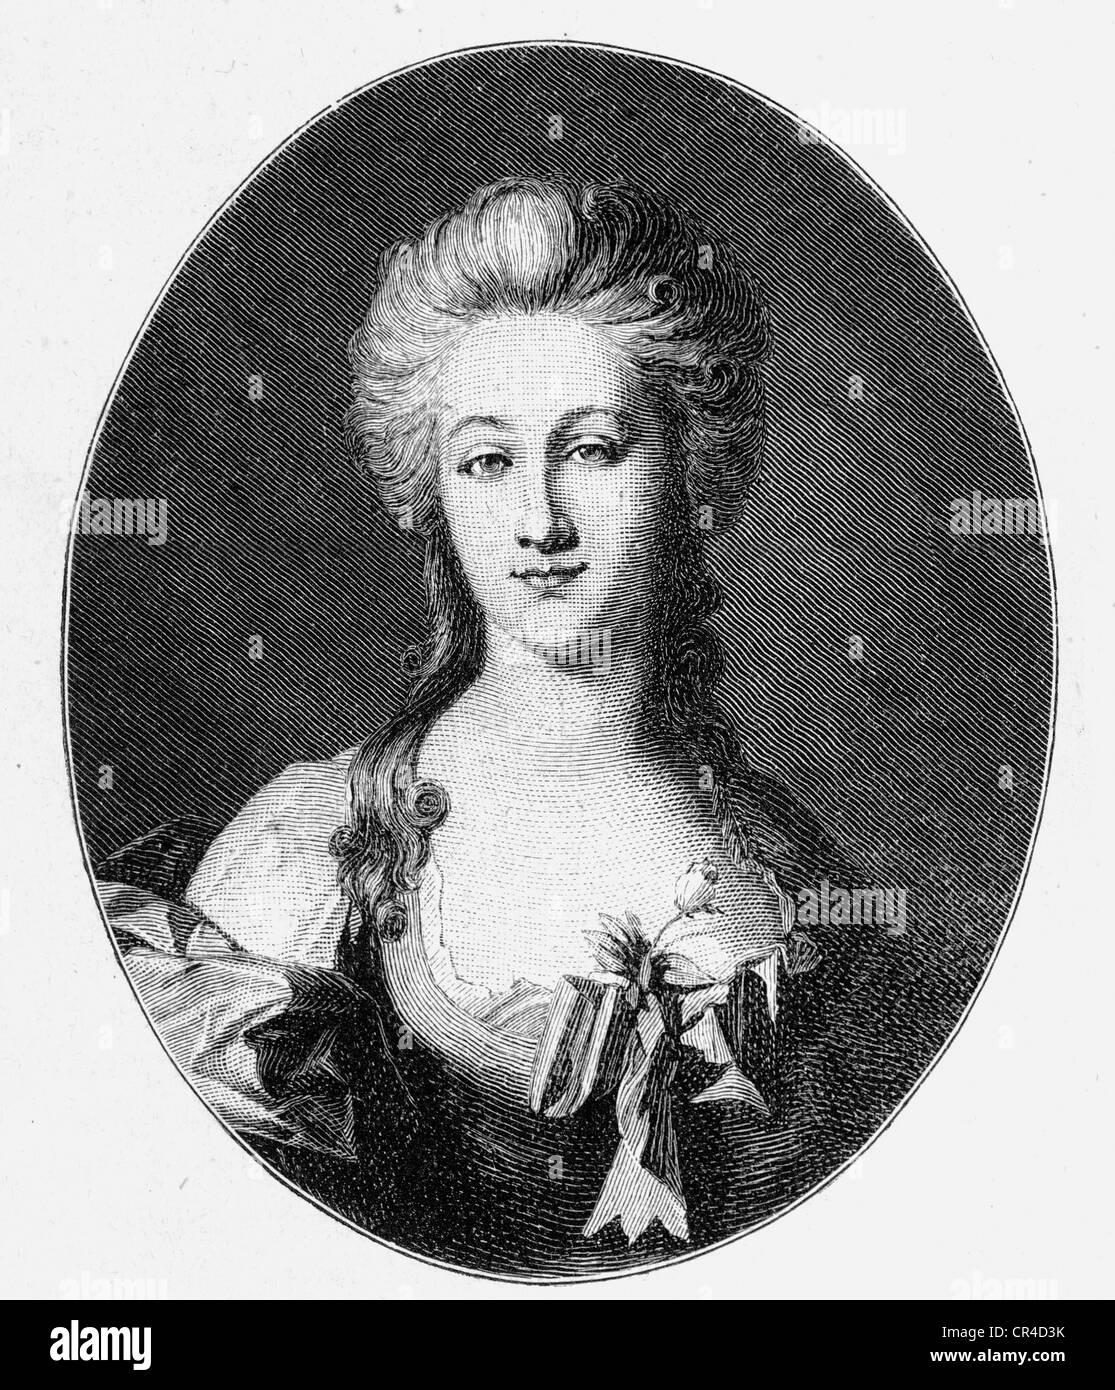 Anna Elisabeth Schoenemann, Lili Schonemann (1758-1817), fiancé of J.W. von Goethe, steel engraving, before - Stock Image